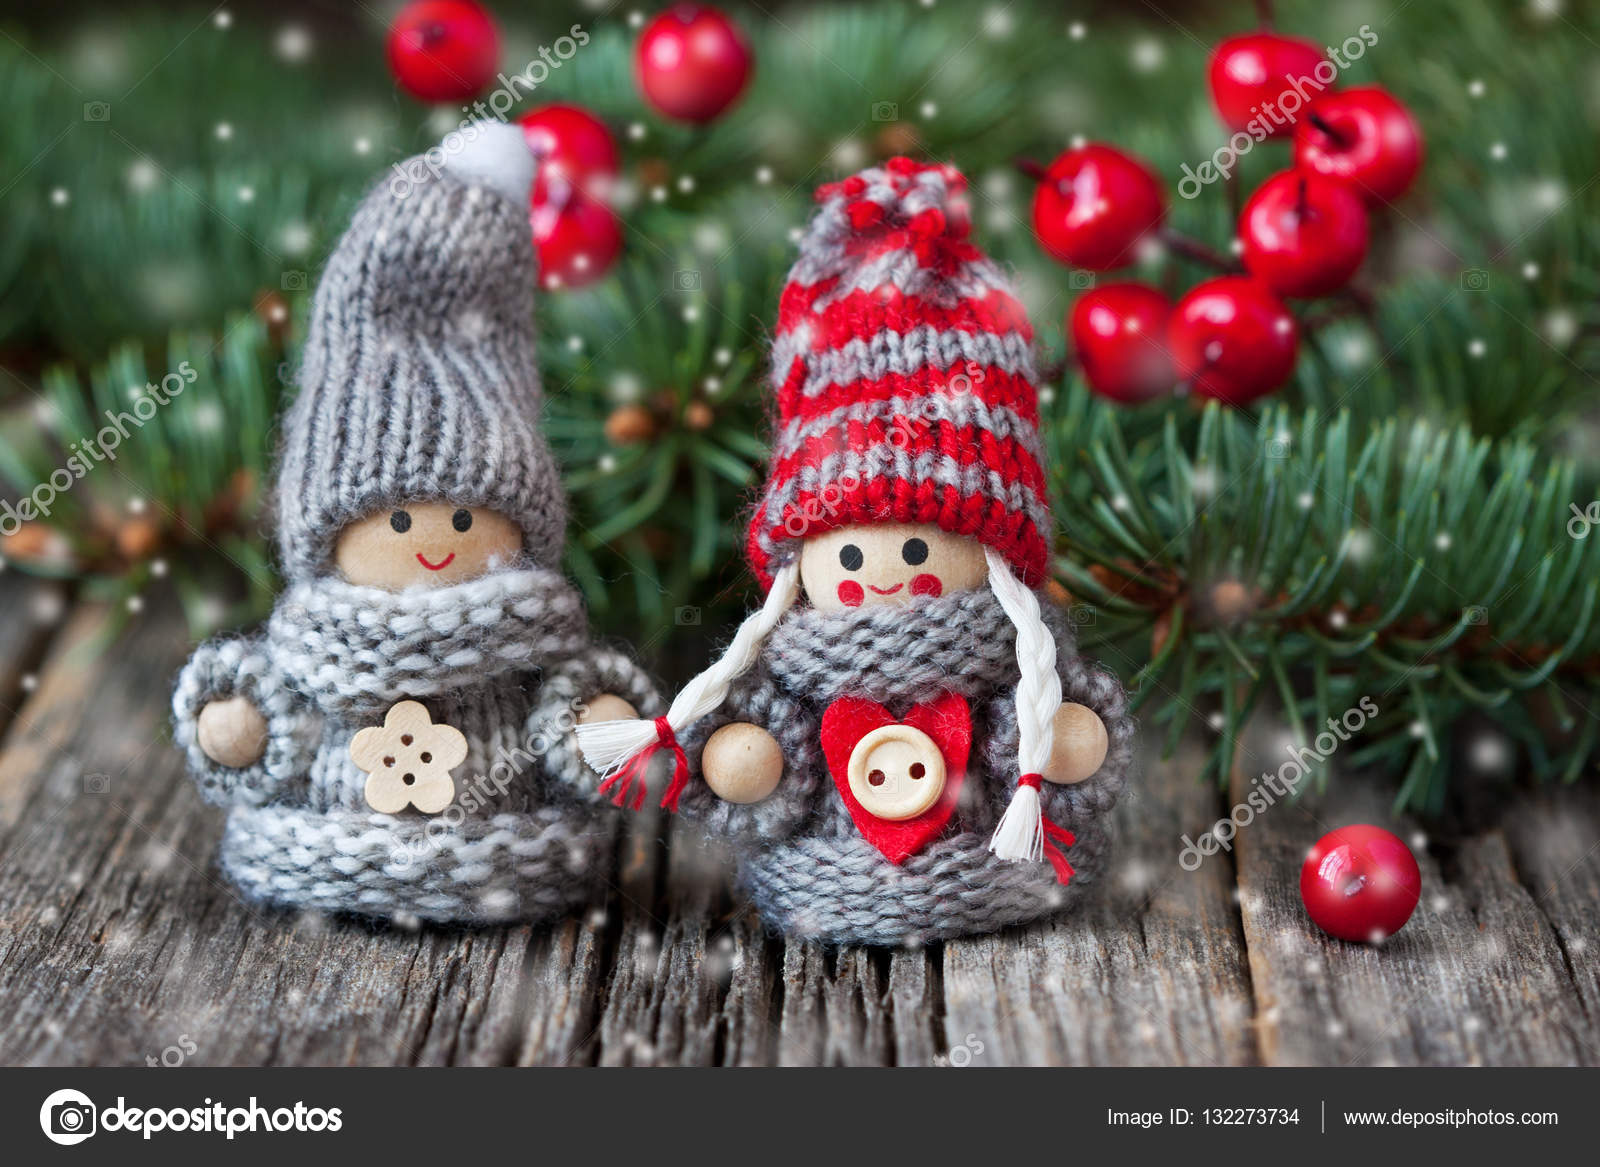 Foto Carine Di Natale.Gnomo Di Natale Carina Vestita Di Rossi Vestiti Lavorati A